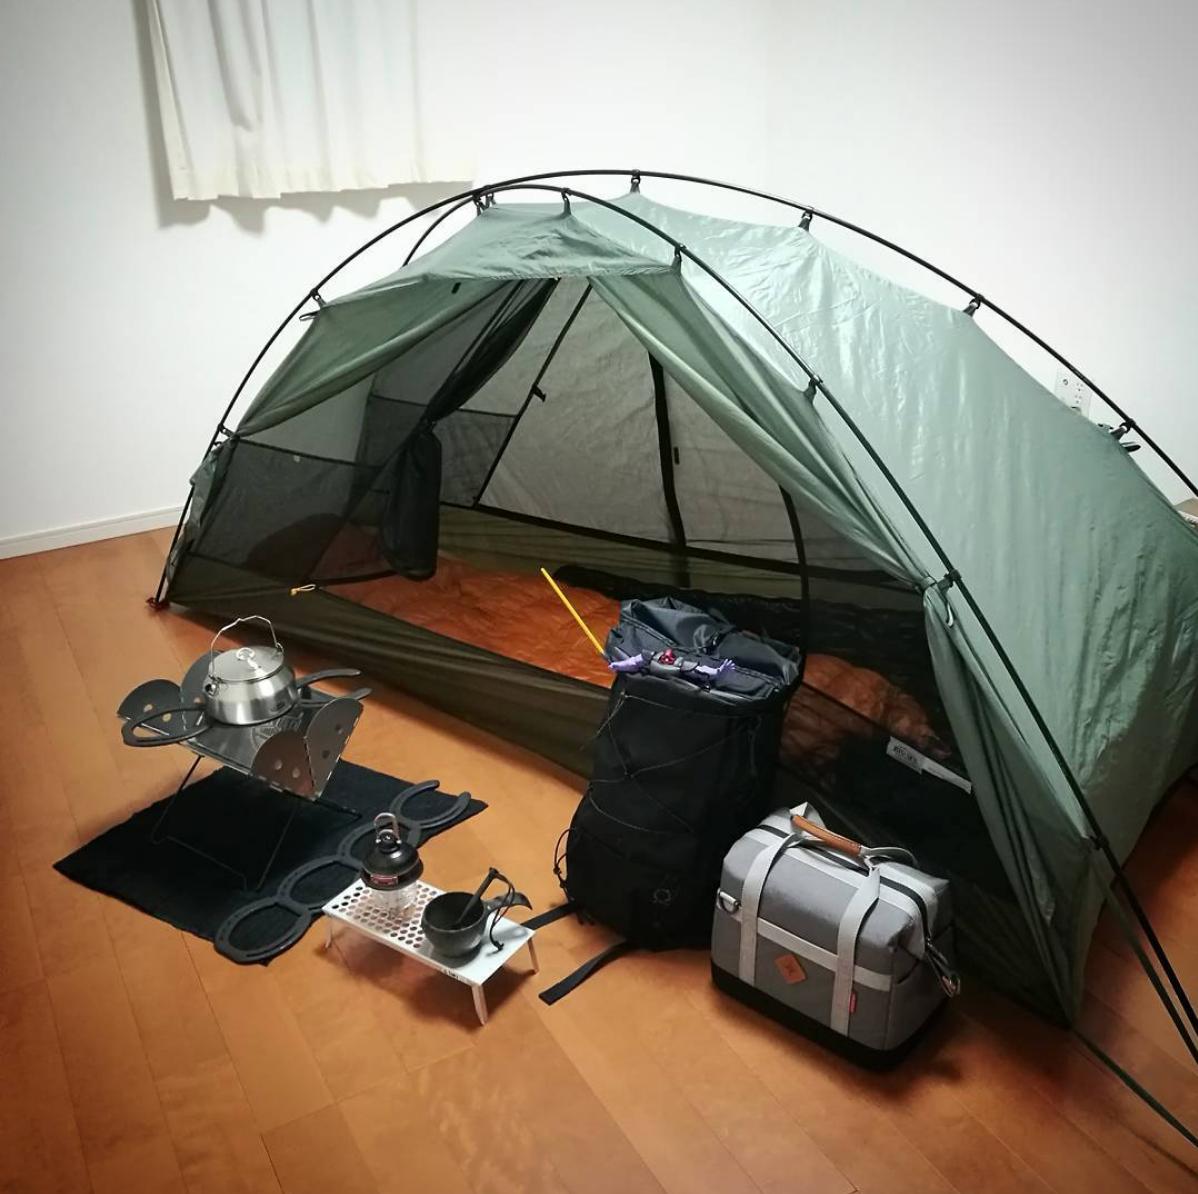 雨でキャンプが中止になった時にキャンプ欲を紛らわす10の方法